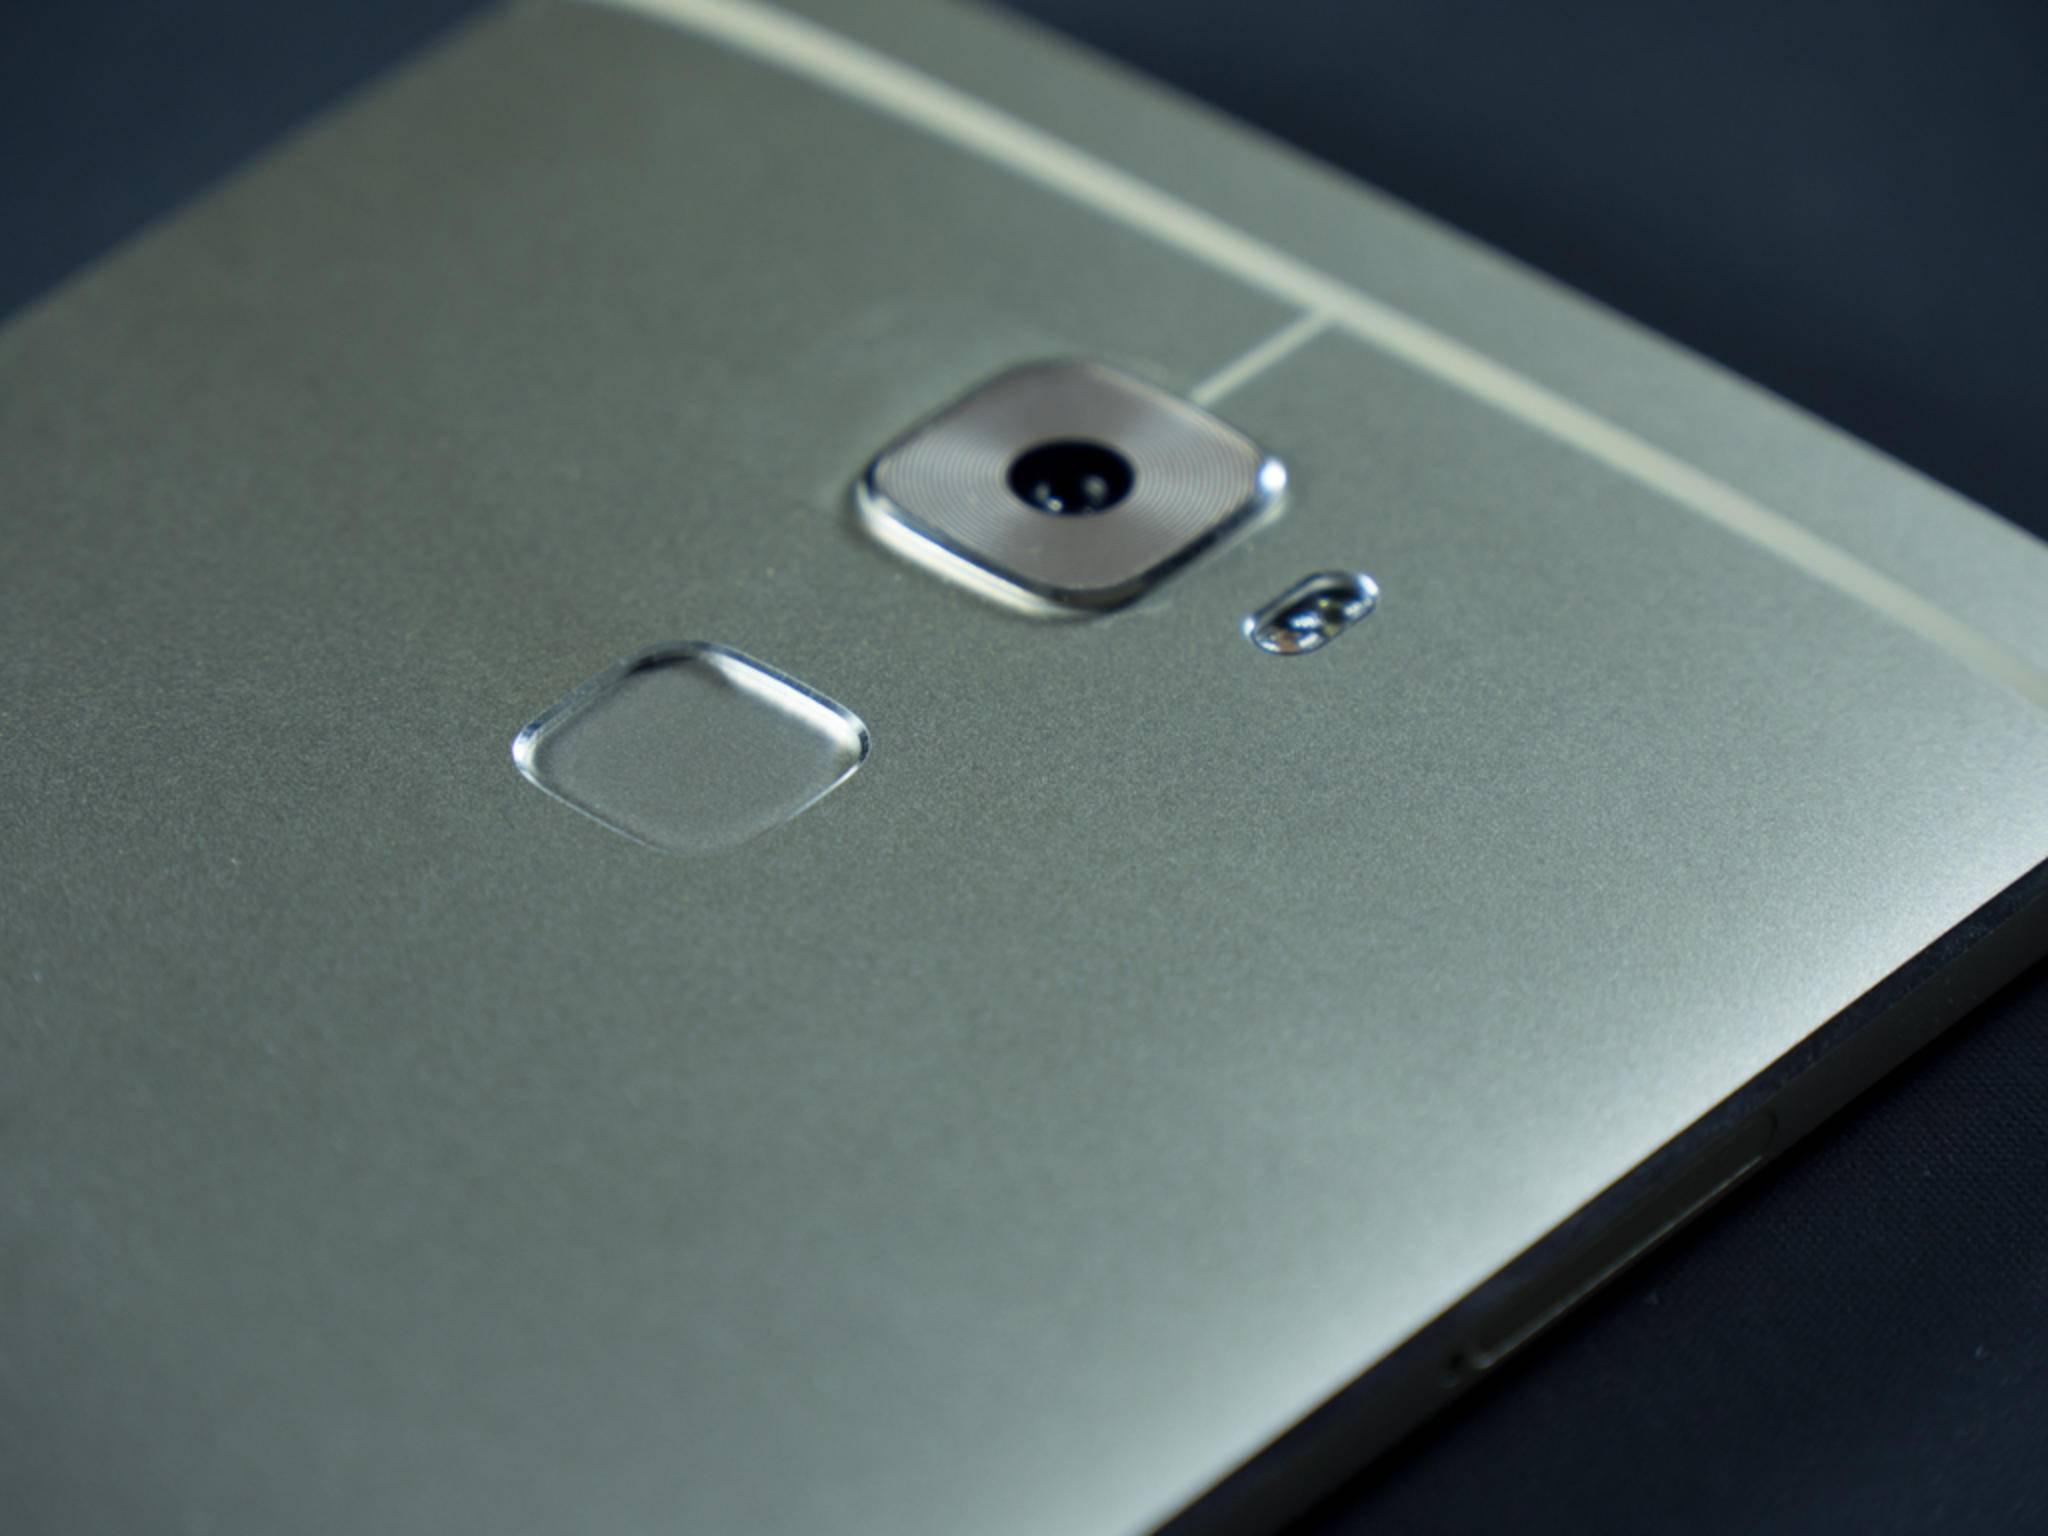 Huawei Mate S: Mit dem Huawei Mate 8 steht das nächste Flaggschiff an.